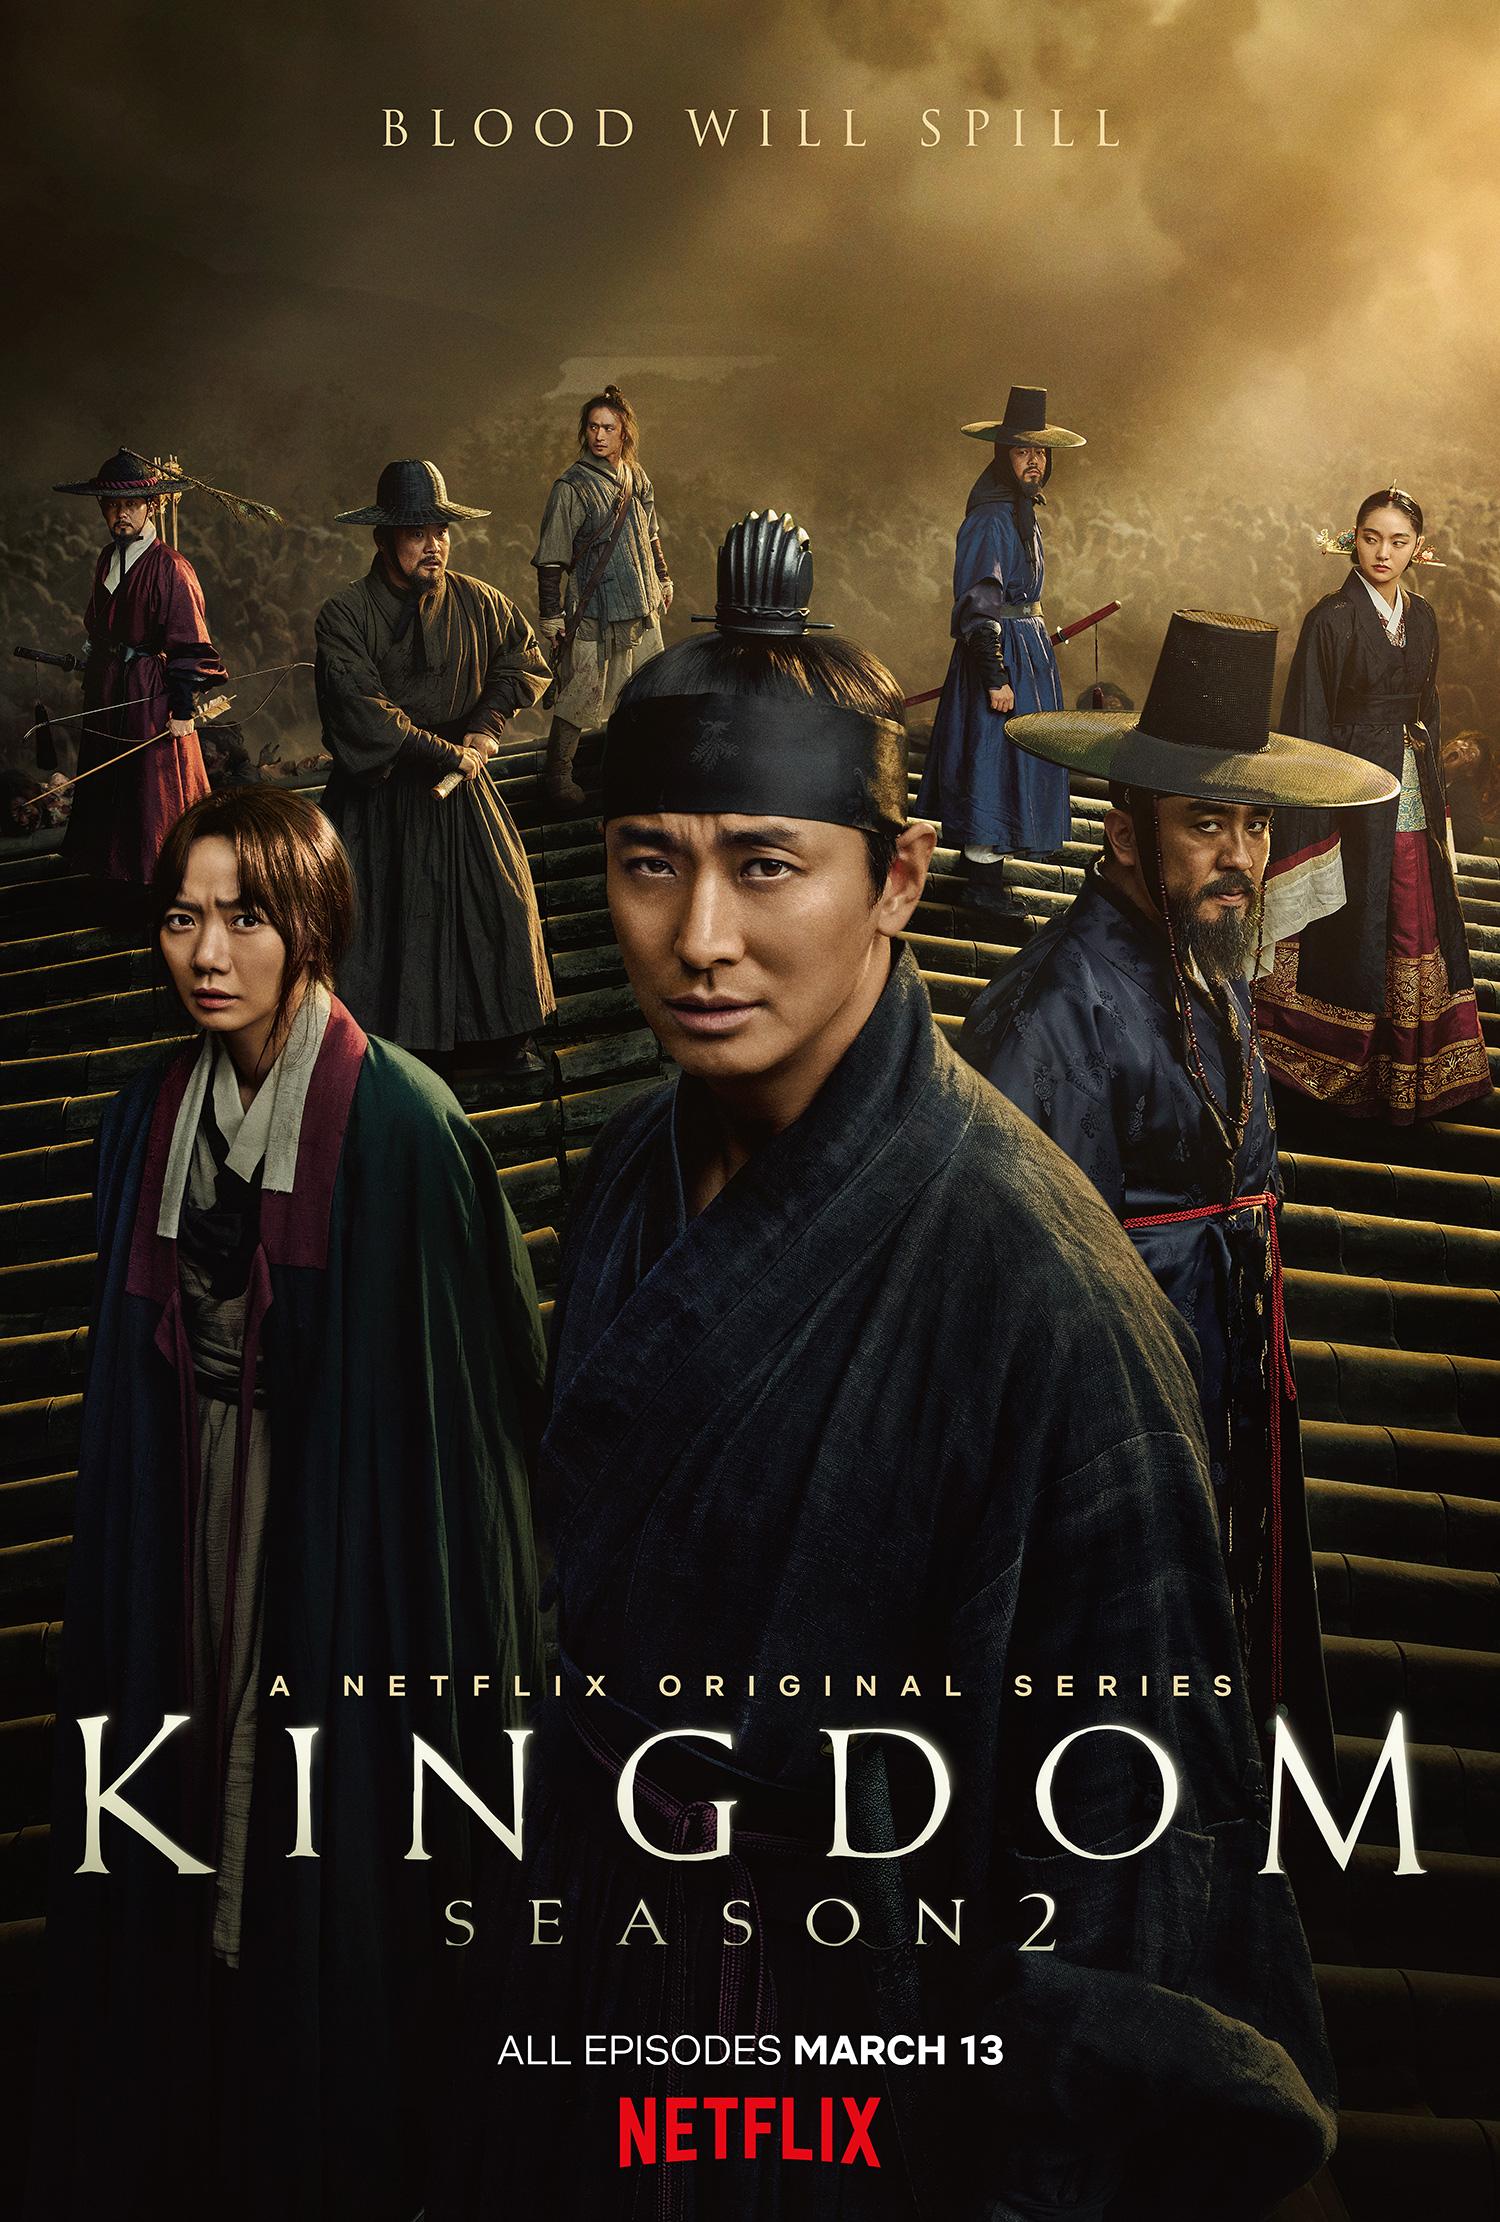 SUGA (BTS) ra MV như bom tấn khiến fan đồng loạt gọi hồn KINGDOM lẫn Tứ Hoàng Tử Wang So của Người Tình Ánh Trăng - Ảnh 12.